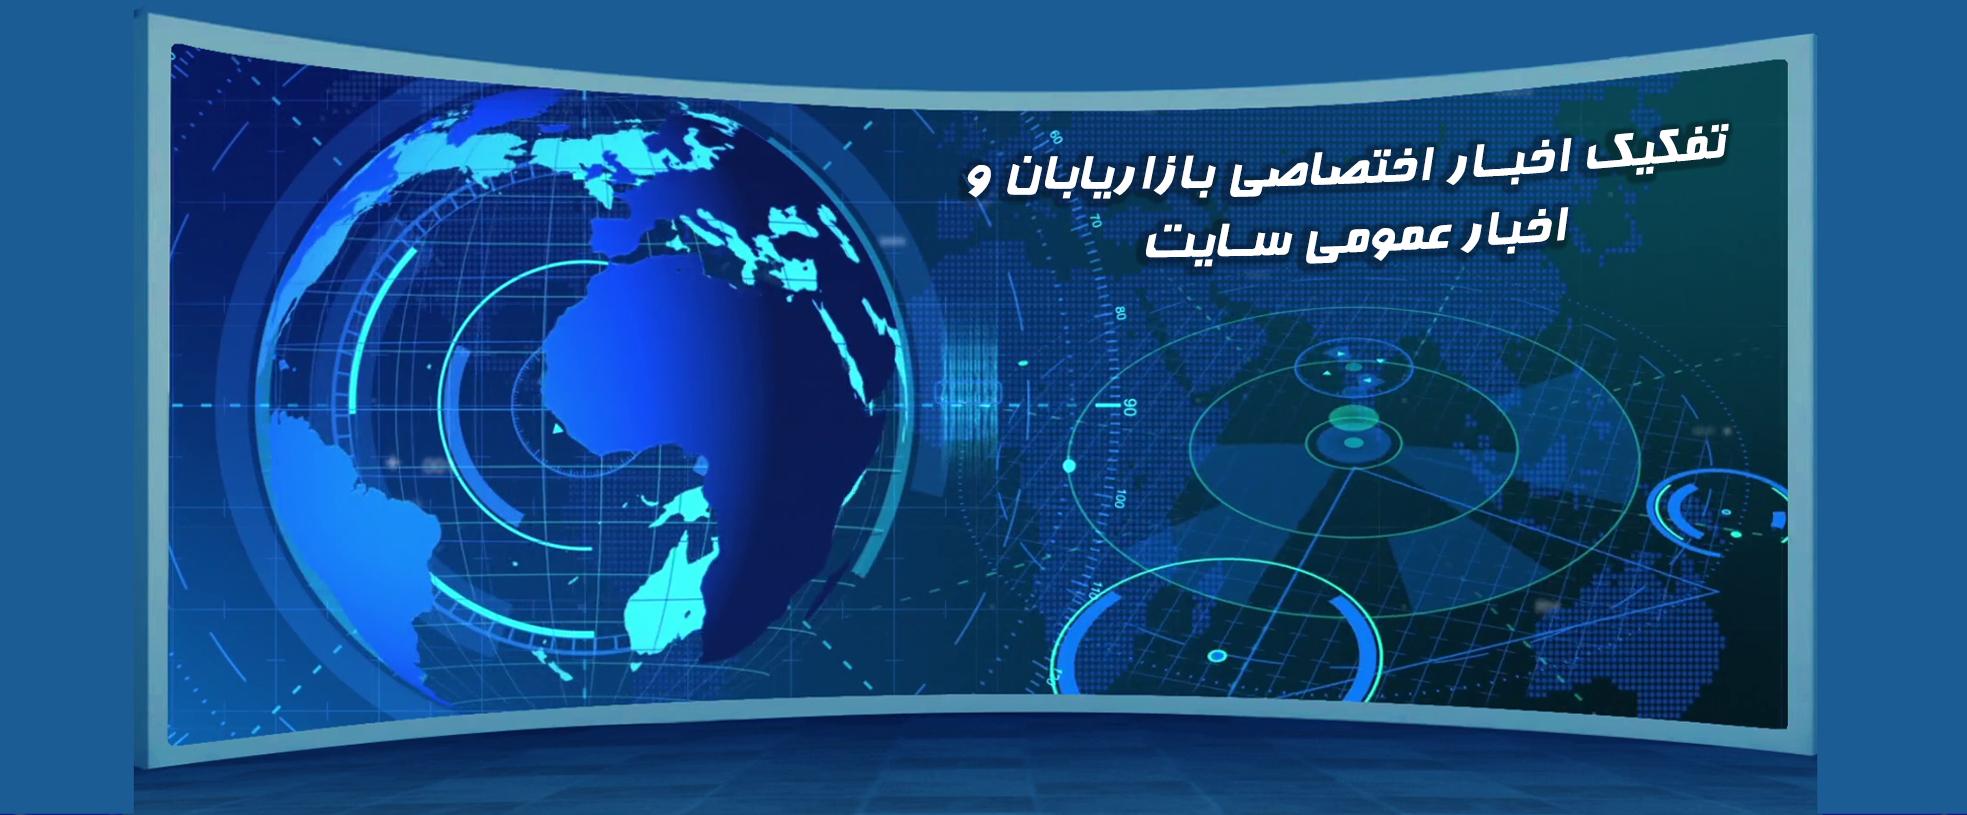 تفکیک اخبار اختصاصی بازاریابان و اخبار عمومی سایت